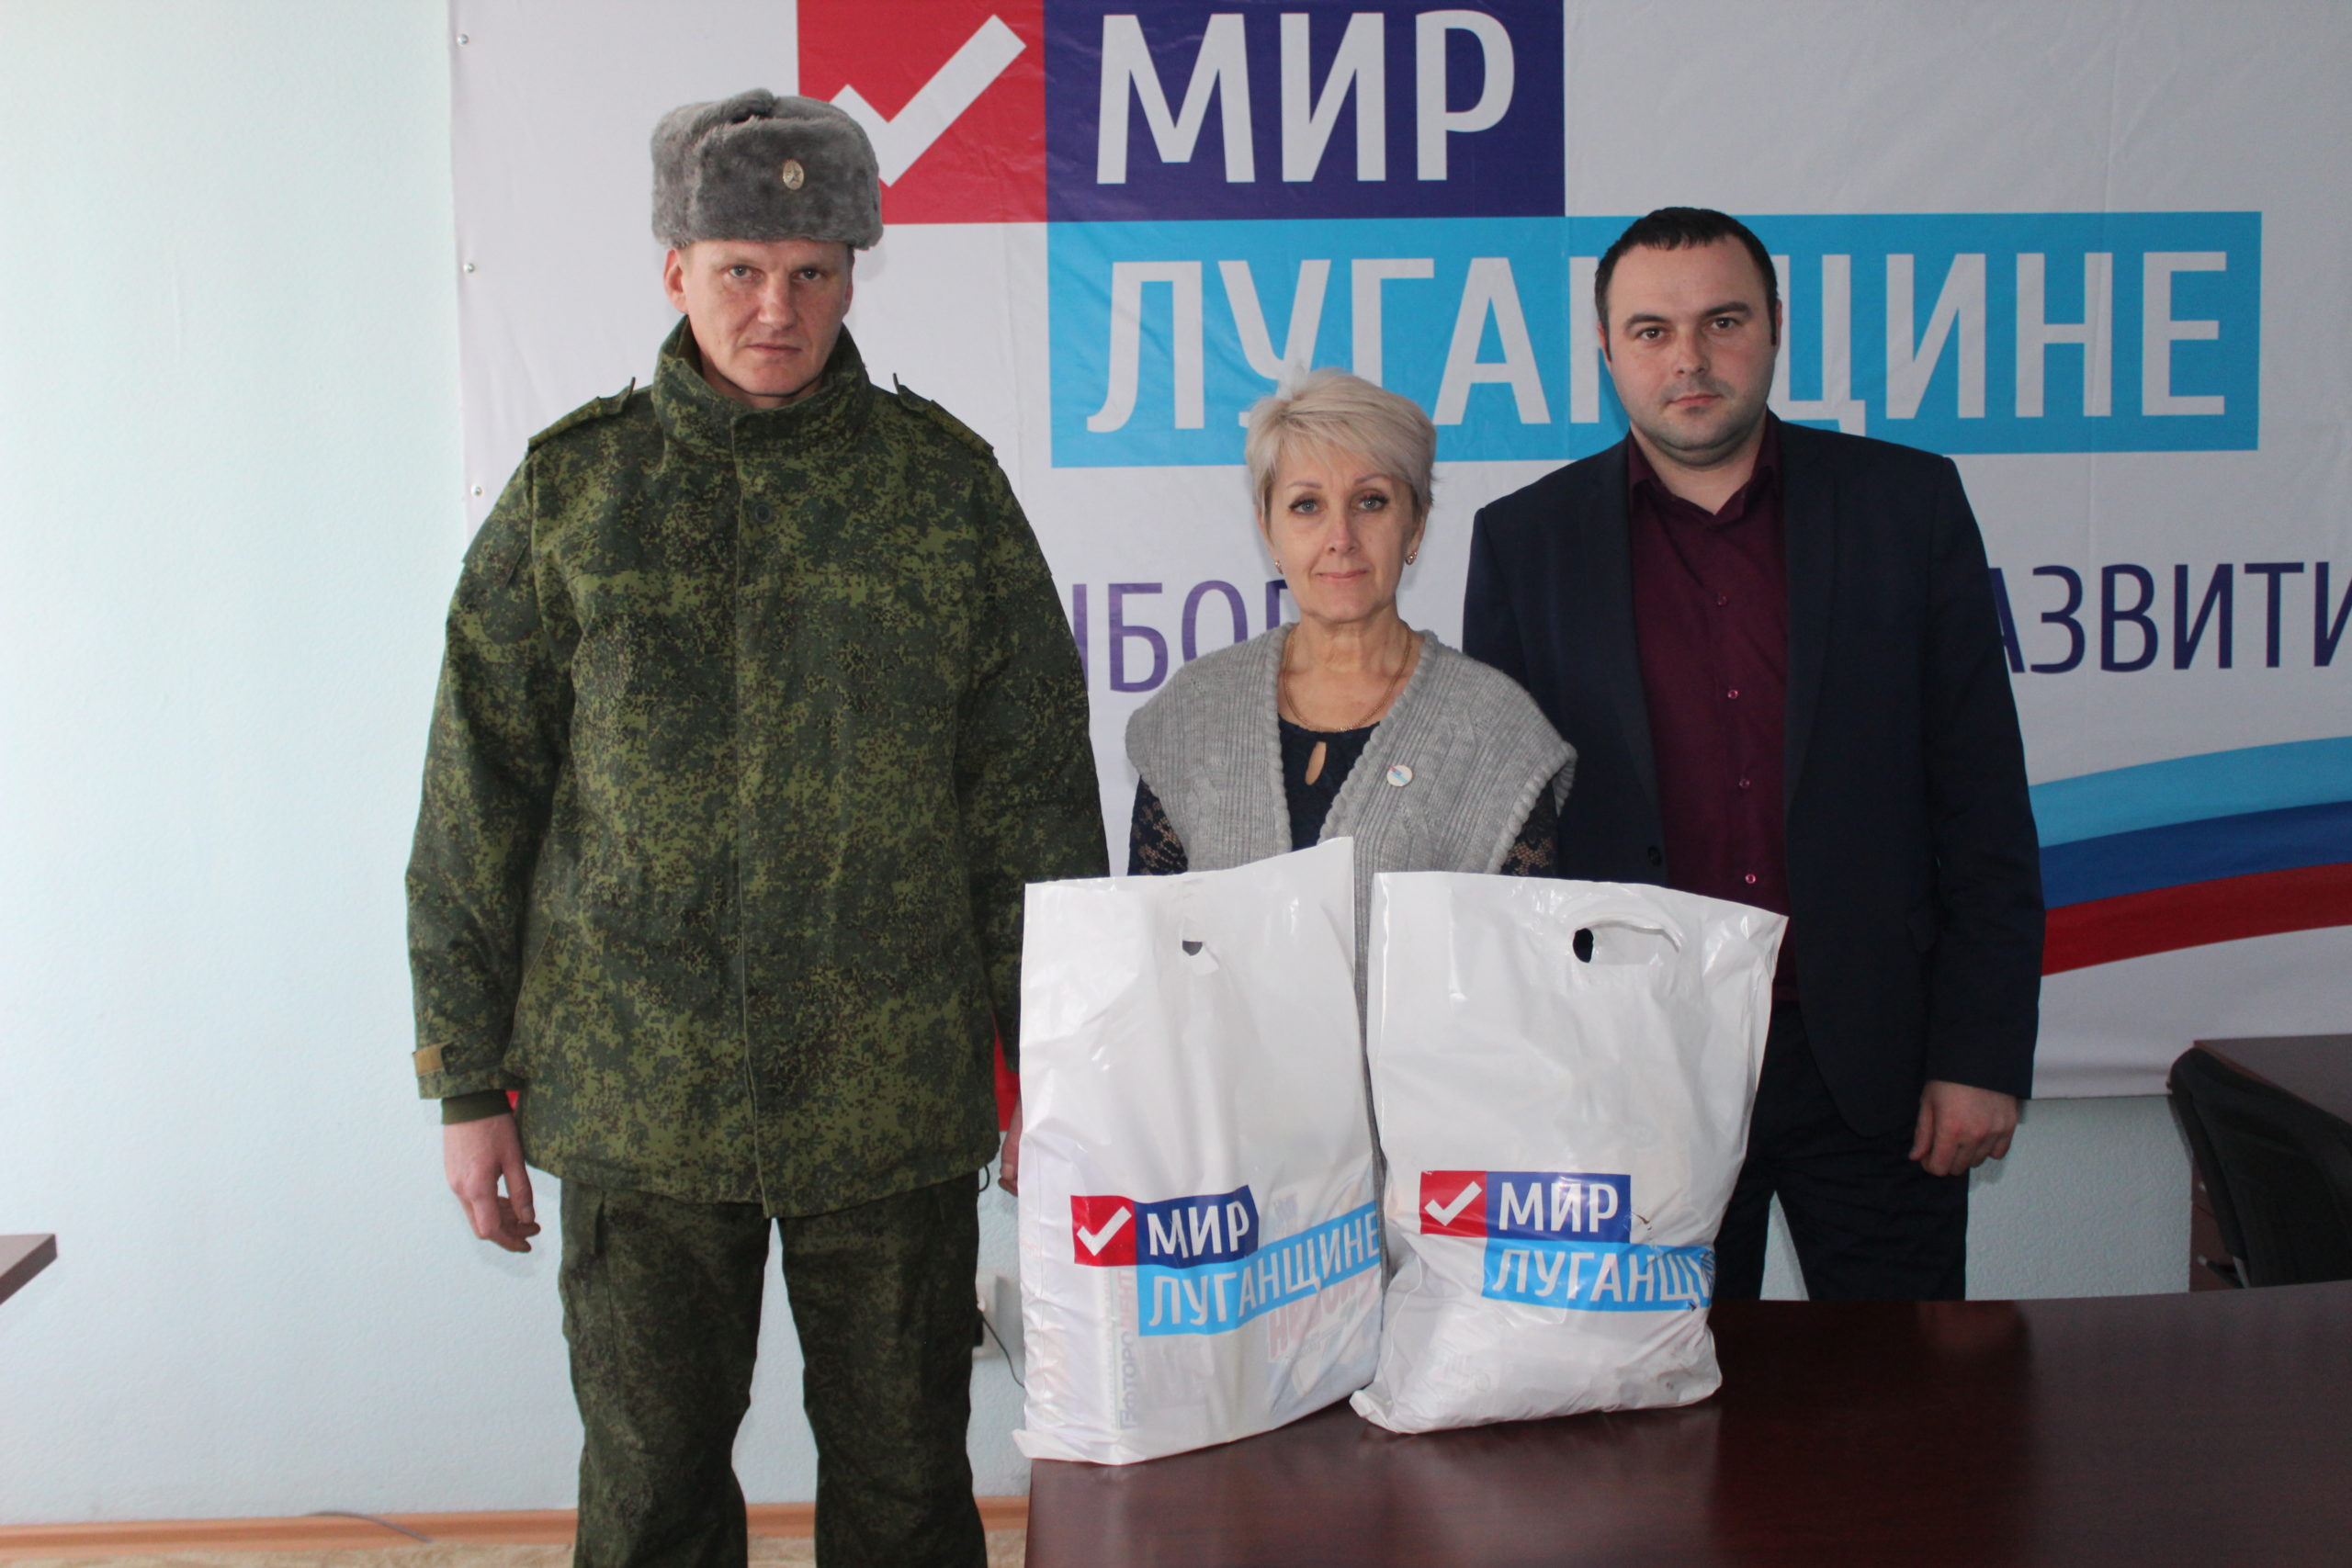 Защитникам Донбасса вручили помощь от проекта «Волонтёр» в Славяносербске 2